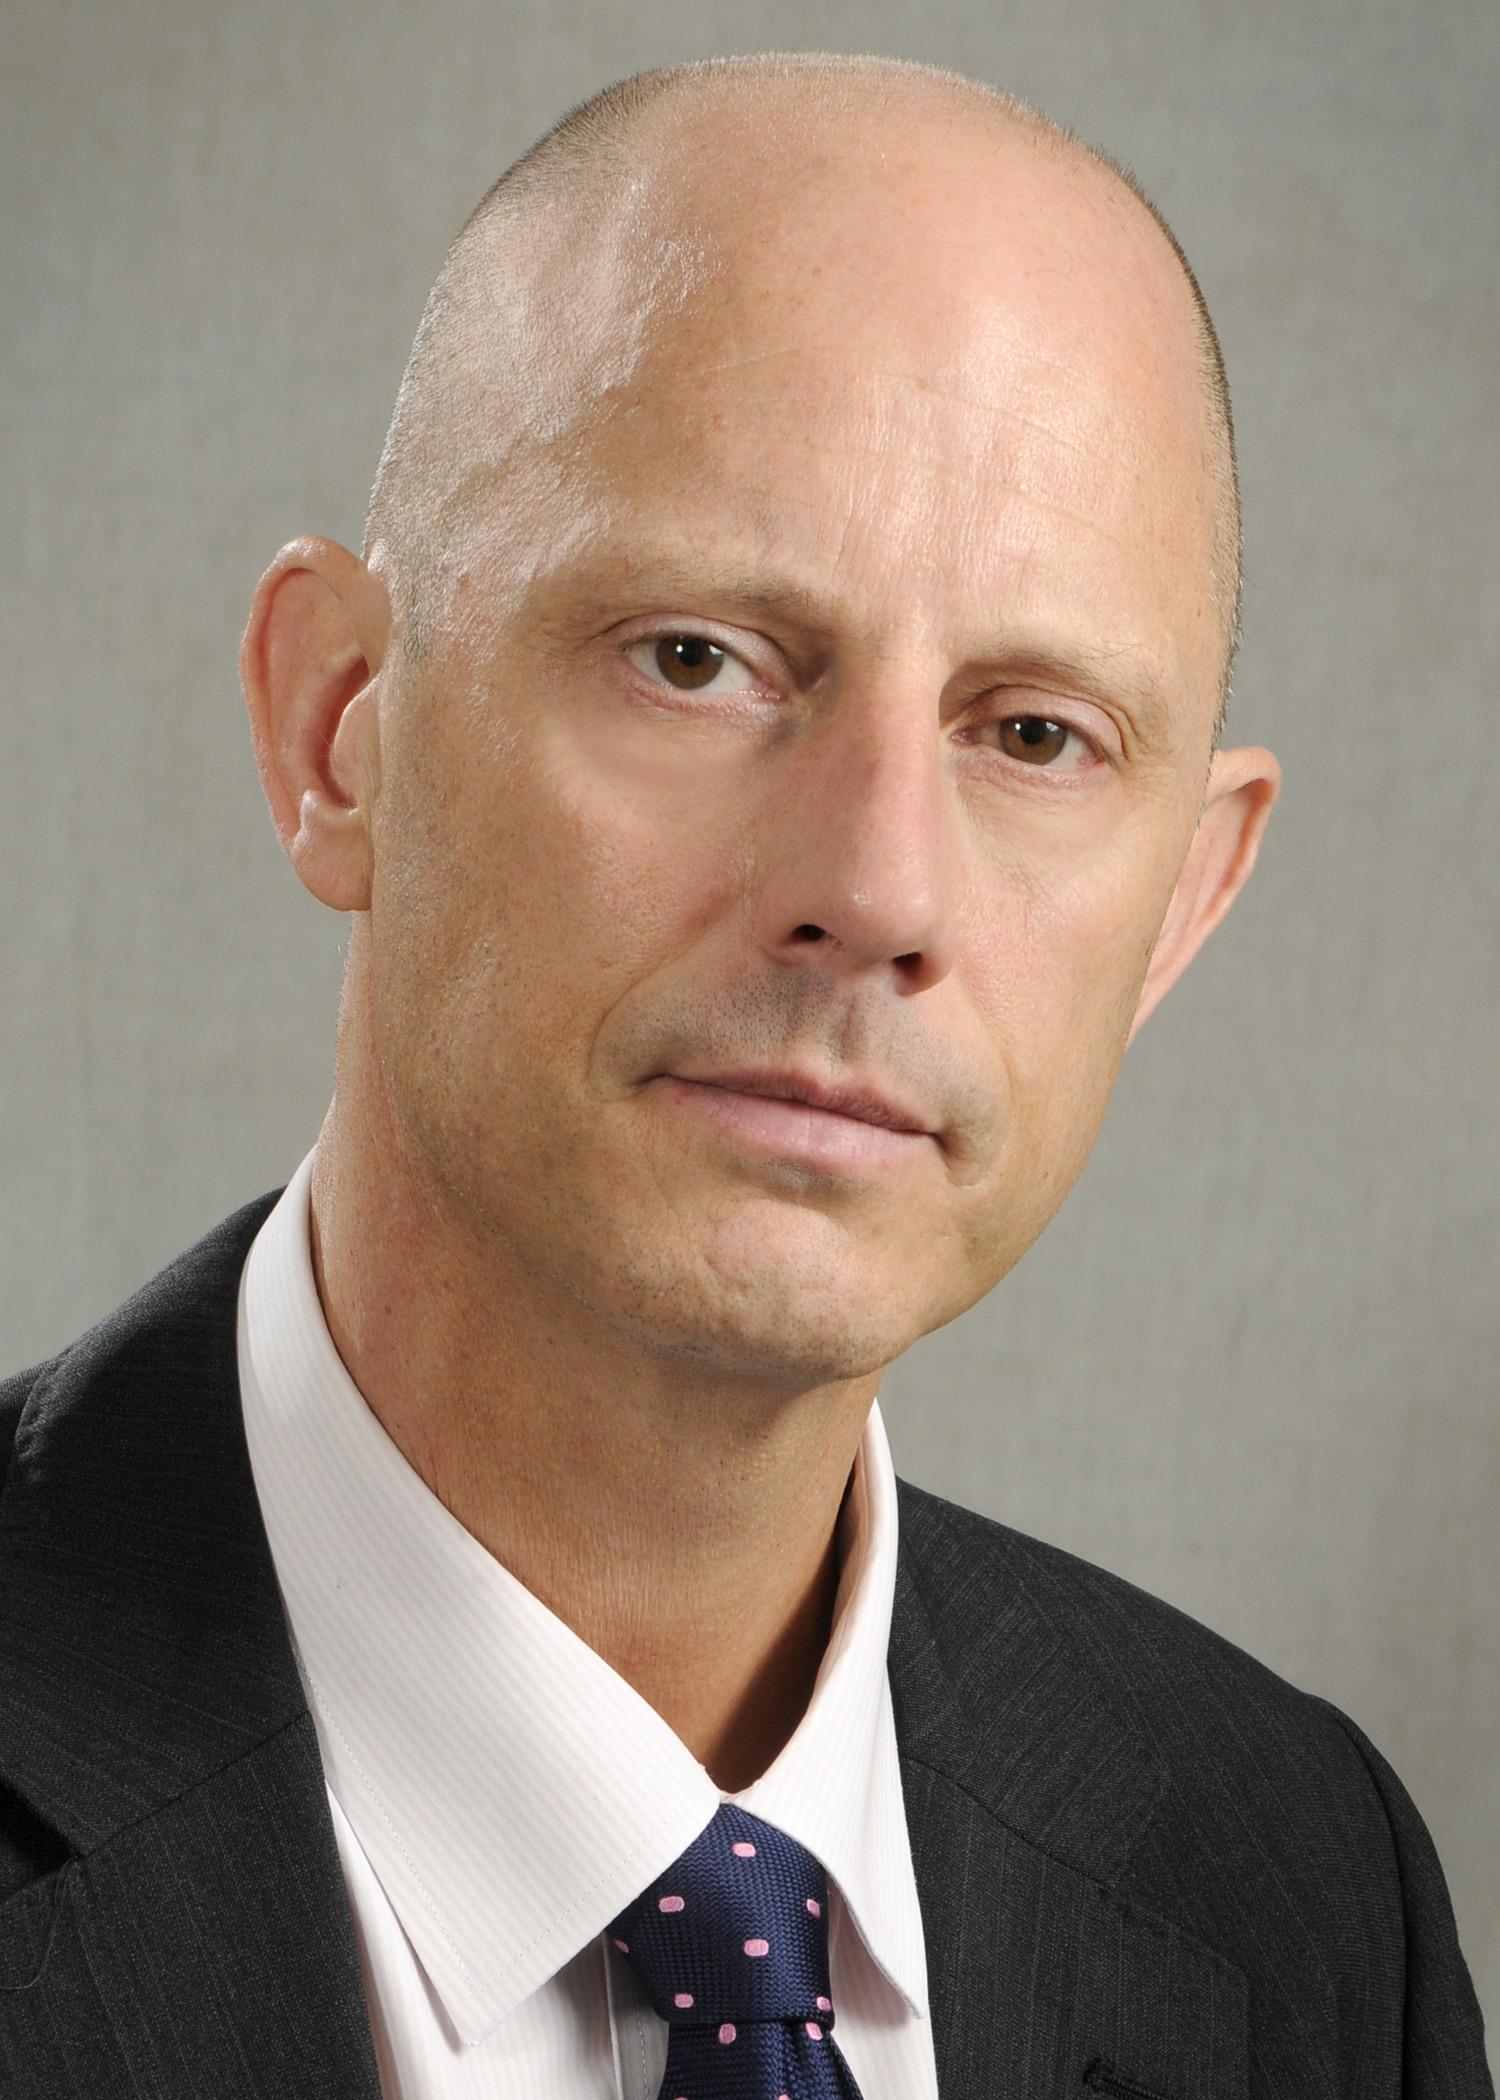 Dr Paul Roberts - ROBERTSPaul